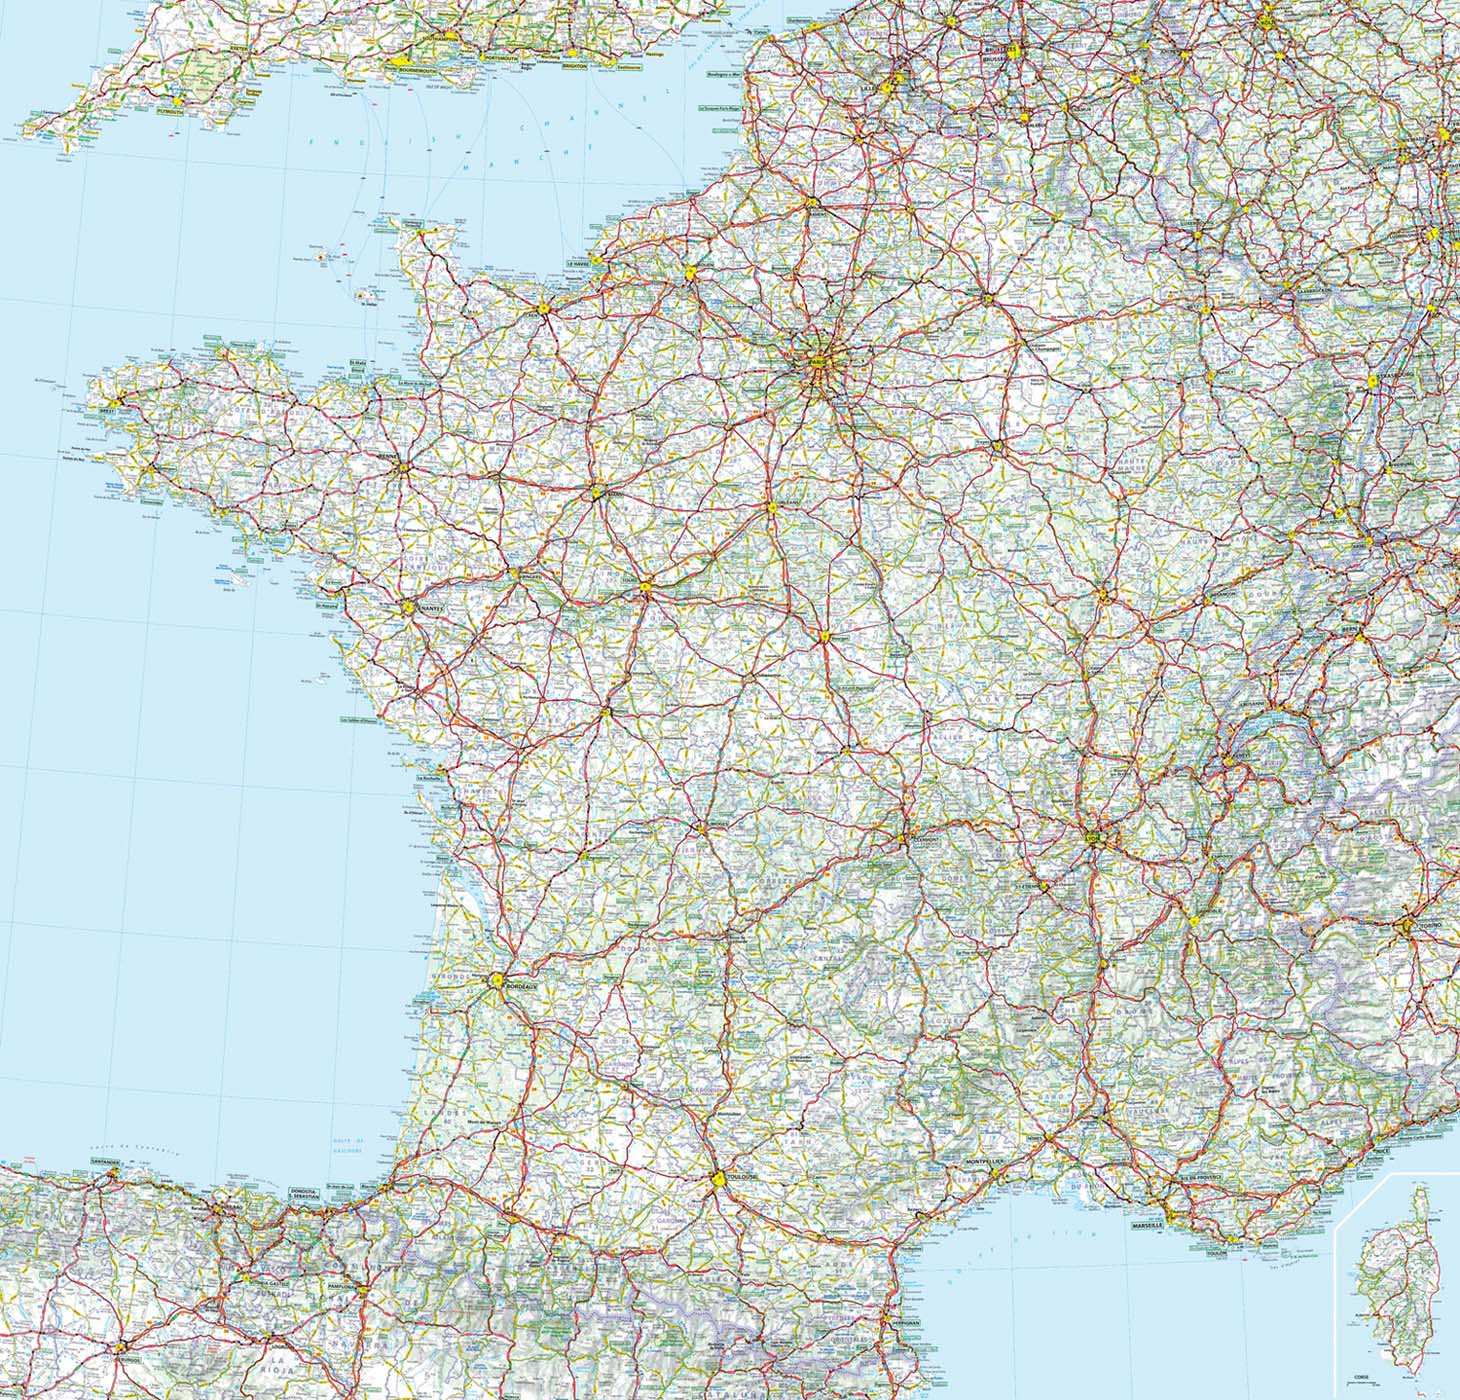 Cartes Géographiques - Tous Les Fournisseurs - Carte De pour Carte Du Sud Est De La France Détaillée